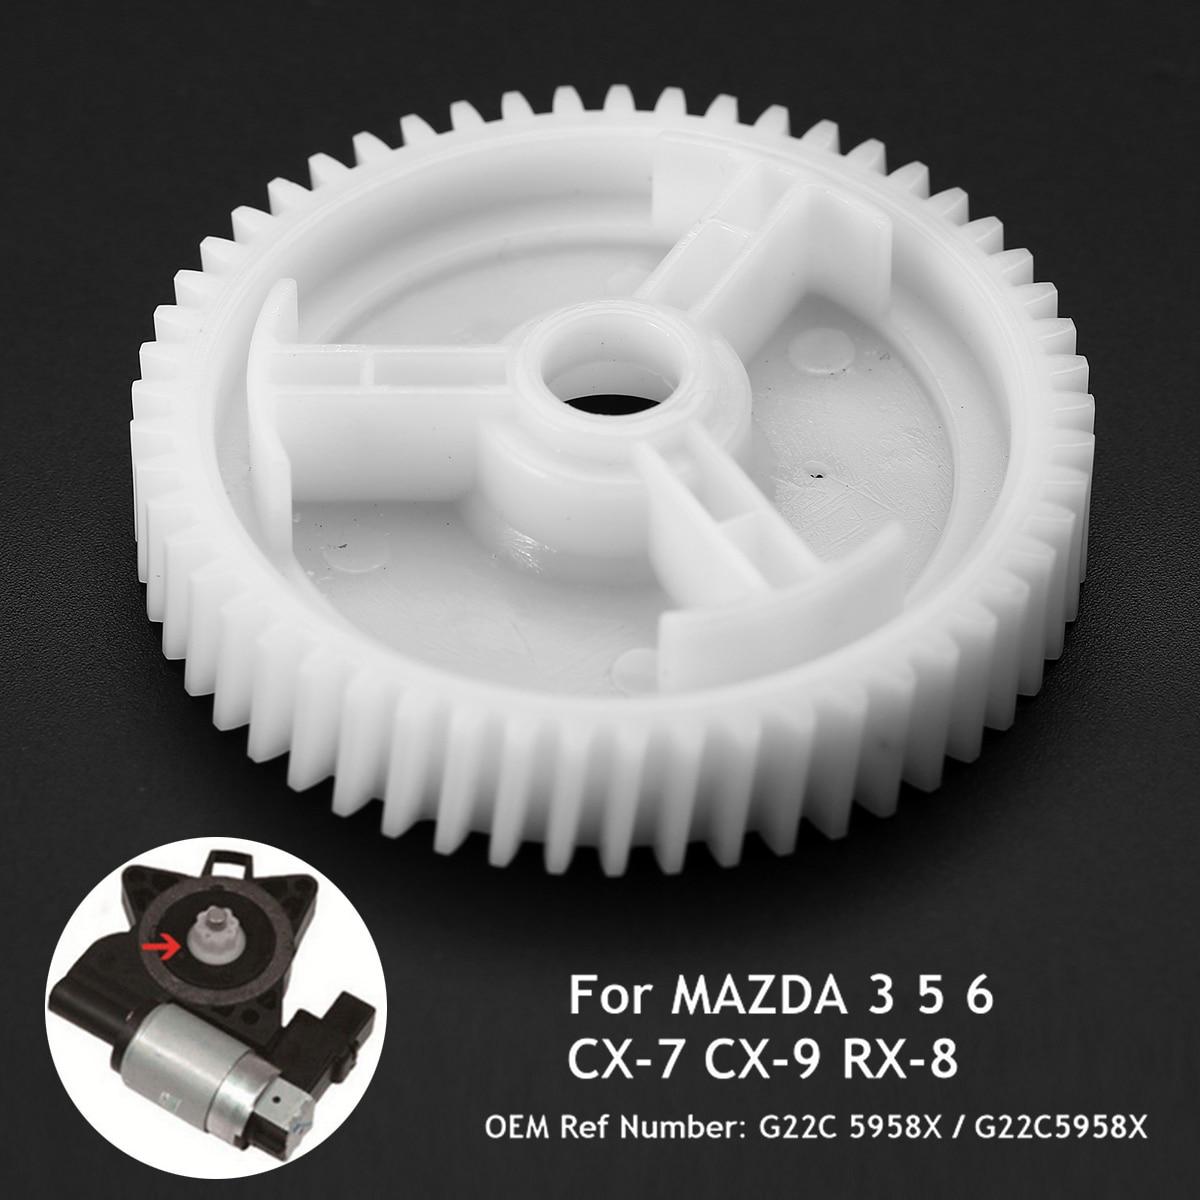 Mayitr 1pc Avant Arrière Régulateur de Puissance Moteur de Vitre de Remplacement D'équipement De G22C5958X Pour MAZDA 3 5 6 CX-7 CX-9 RX-8